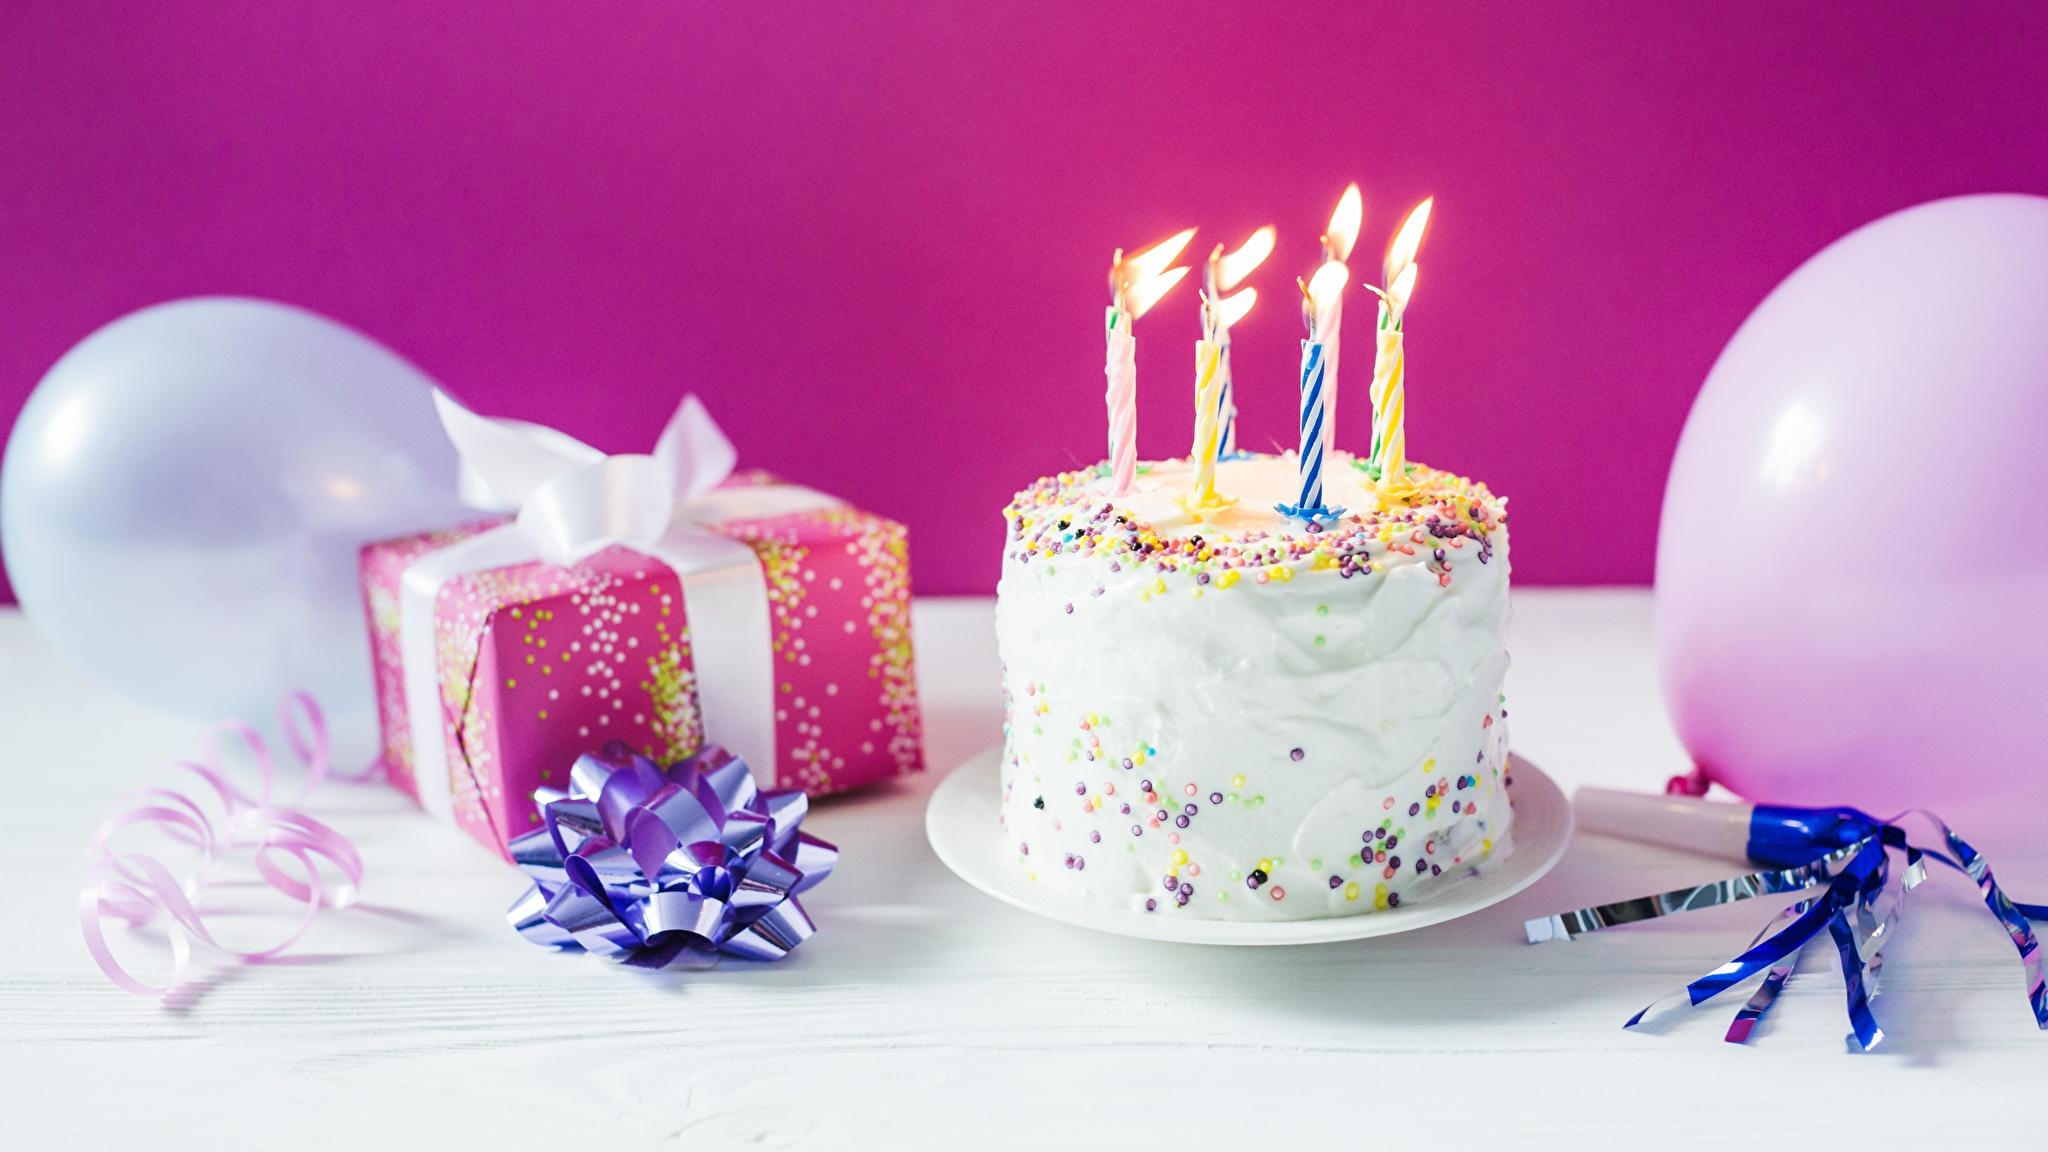 Фотография День рождения Торты Подарки Свечи Продукты питания Праздники 2048x1152 Еда Пища